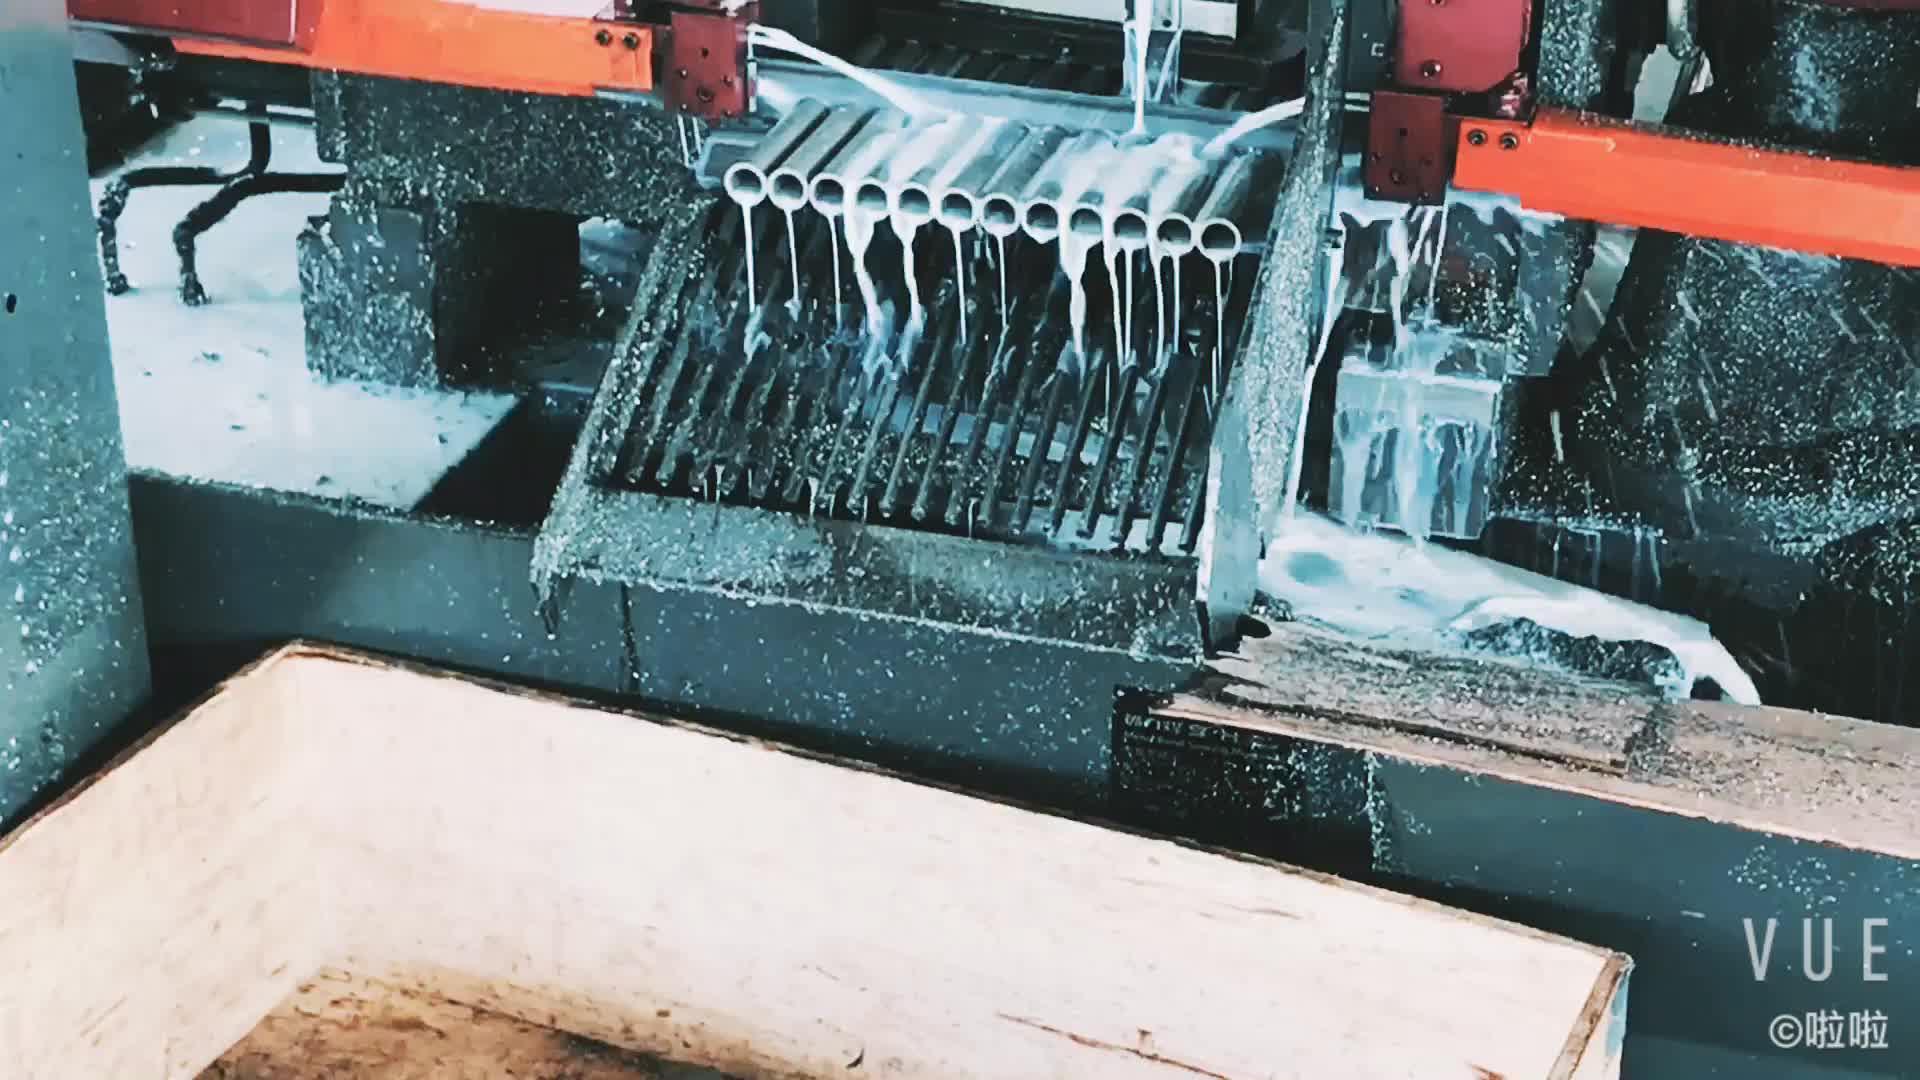 Dövme 304 paslanmaz çelik dikişsiz kaynak değişken Eksantrik farklı çaplı boru ek parçaları